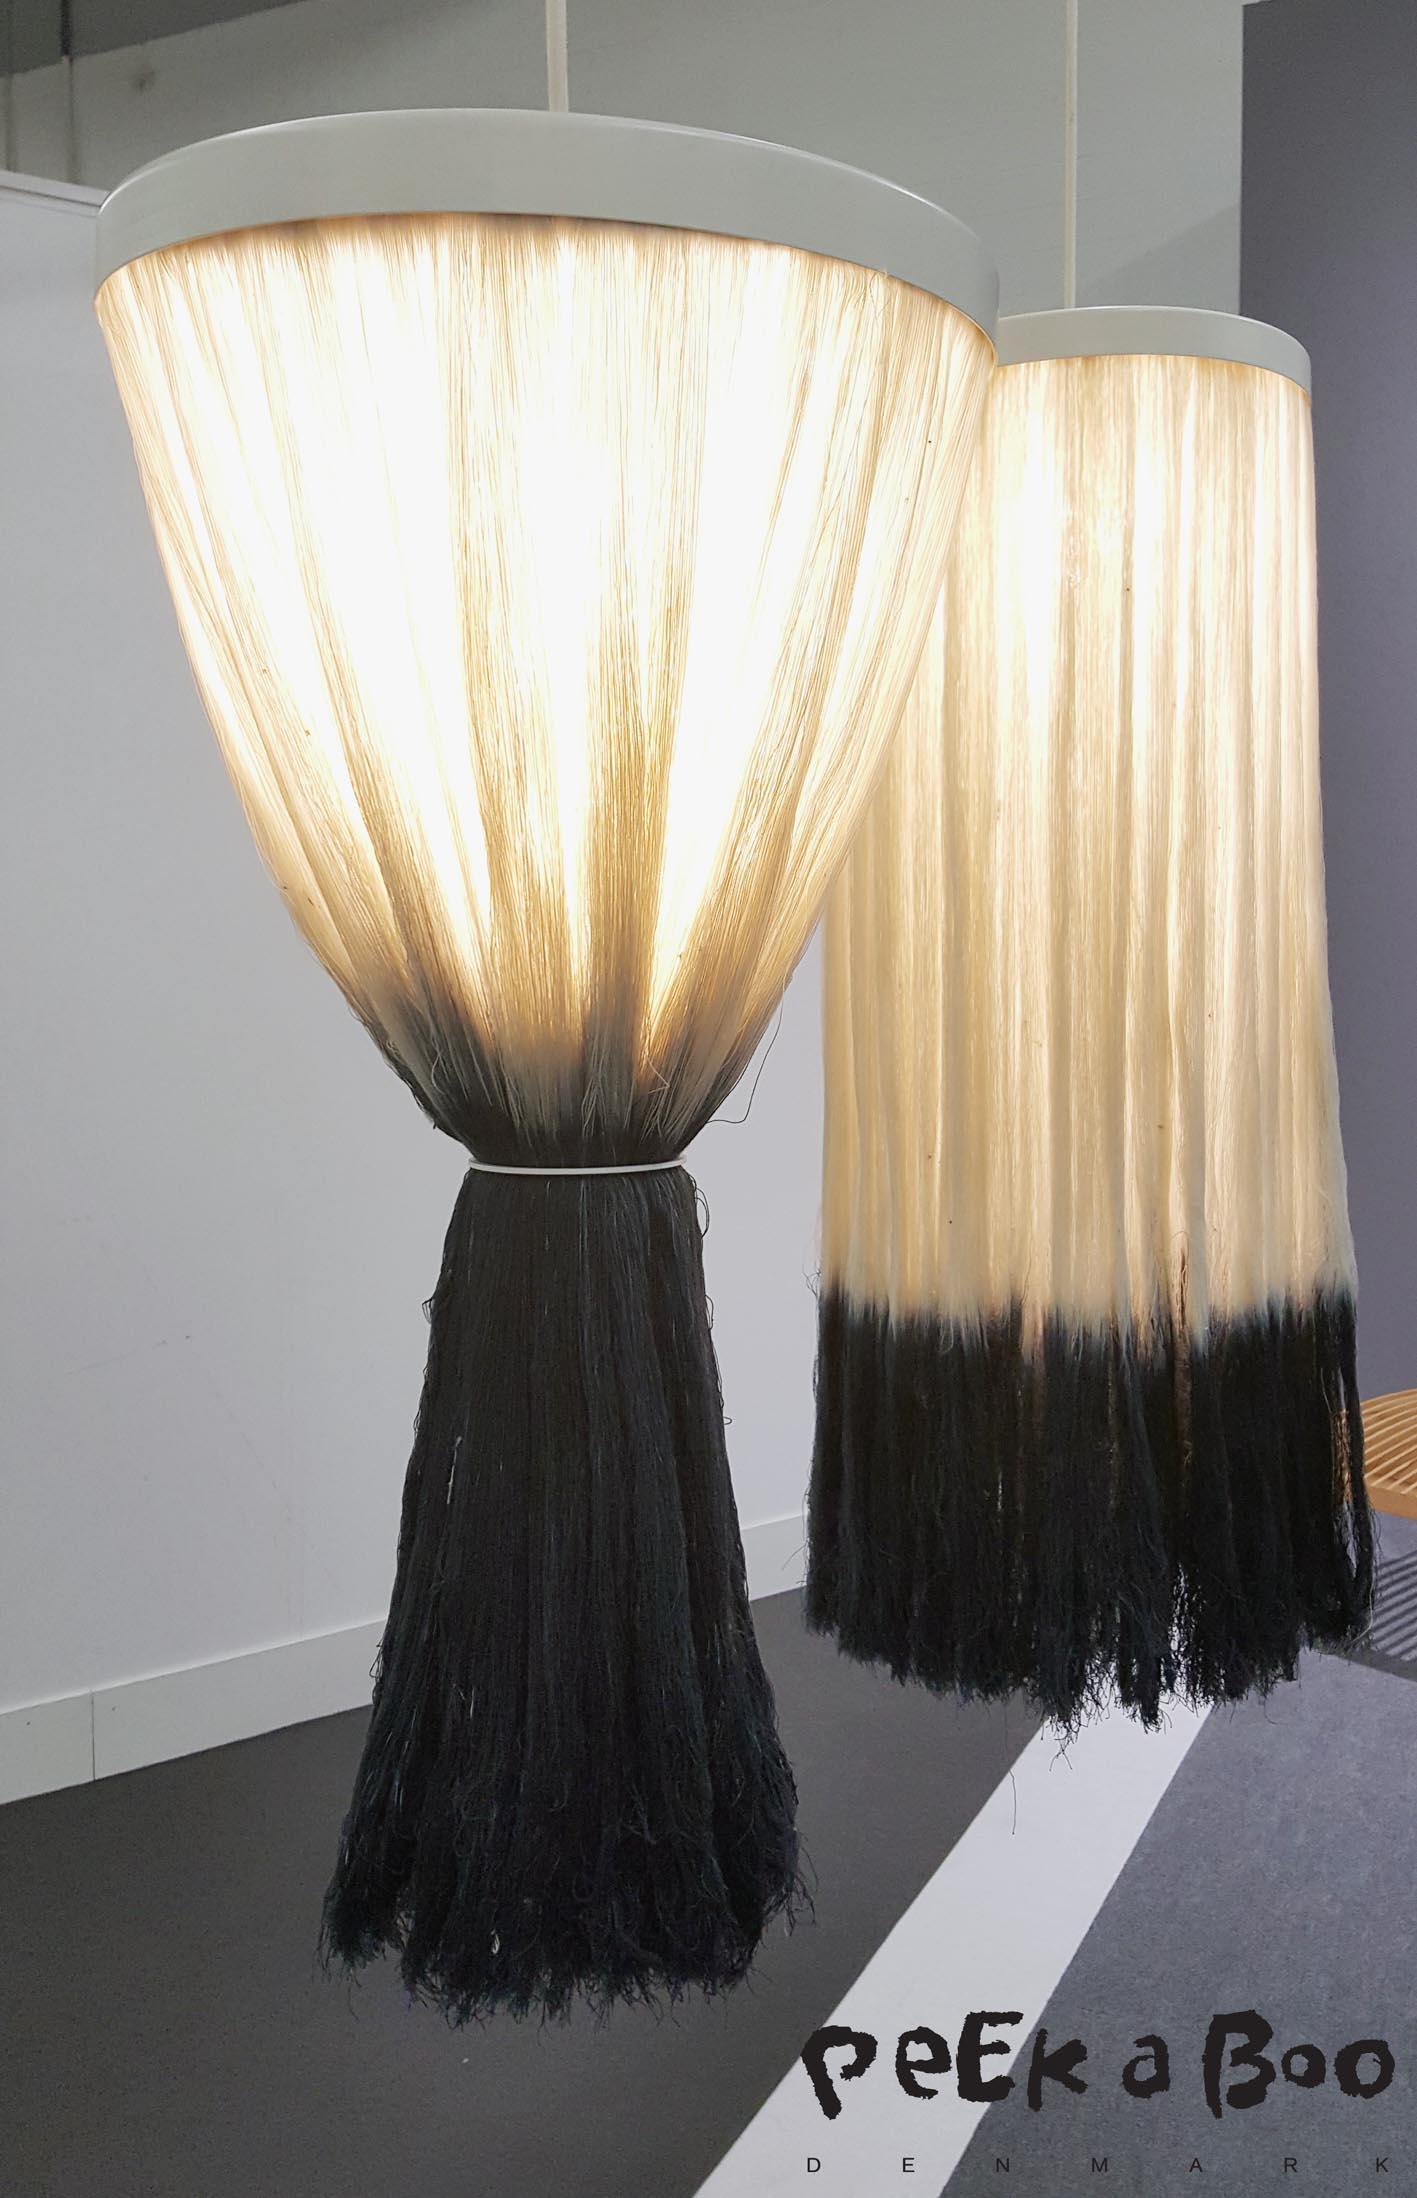 Fringe lamp designed of scrap industrial yarn by Katrin Krupka from Fachhochschule Potsdam, Germany.